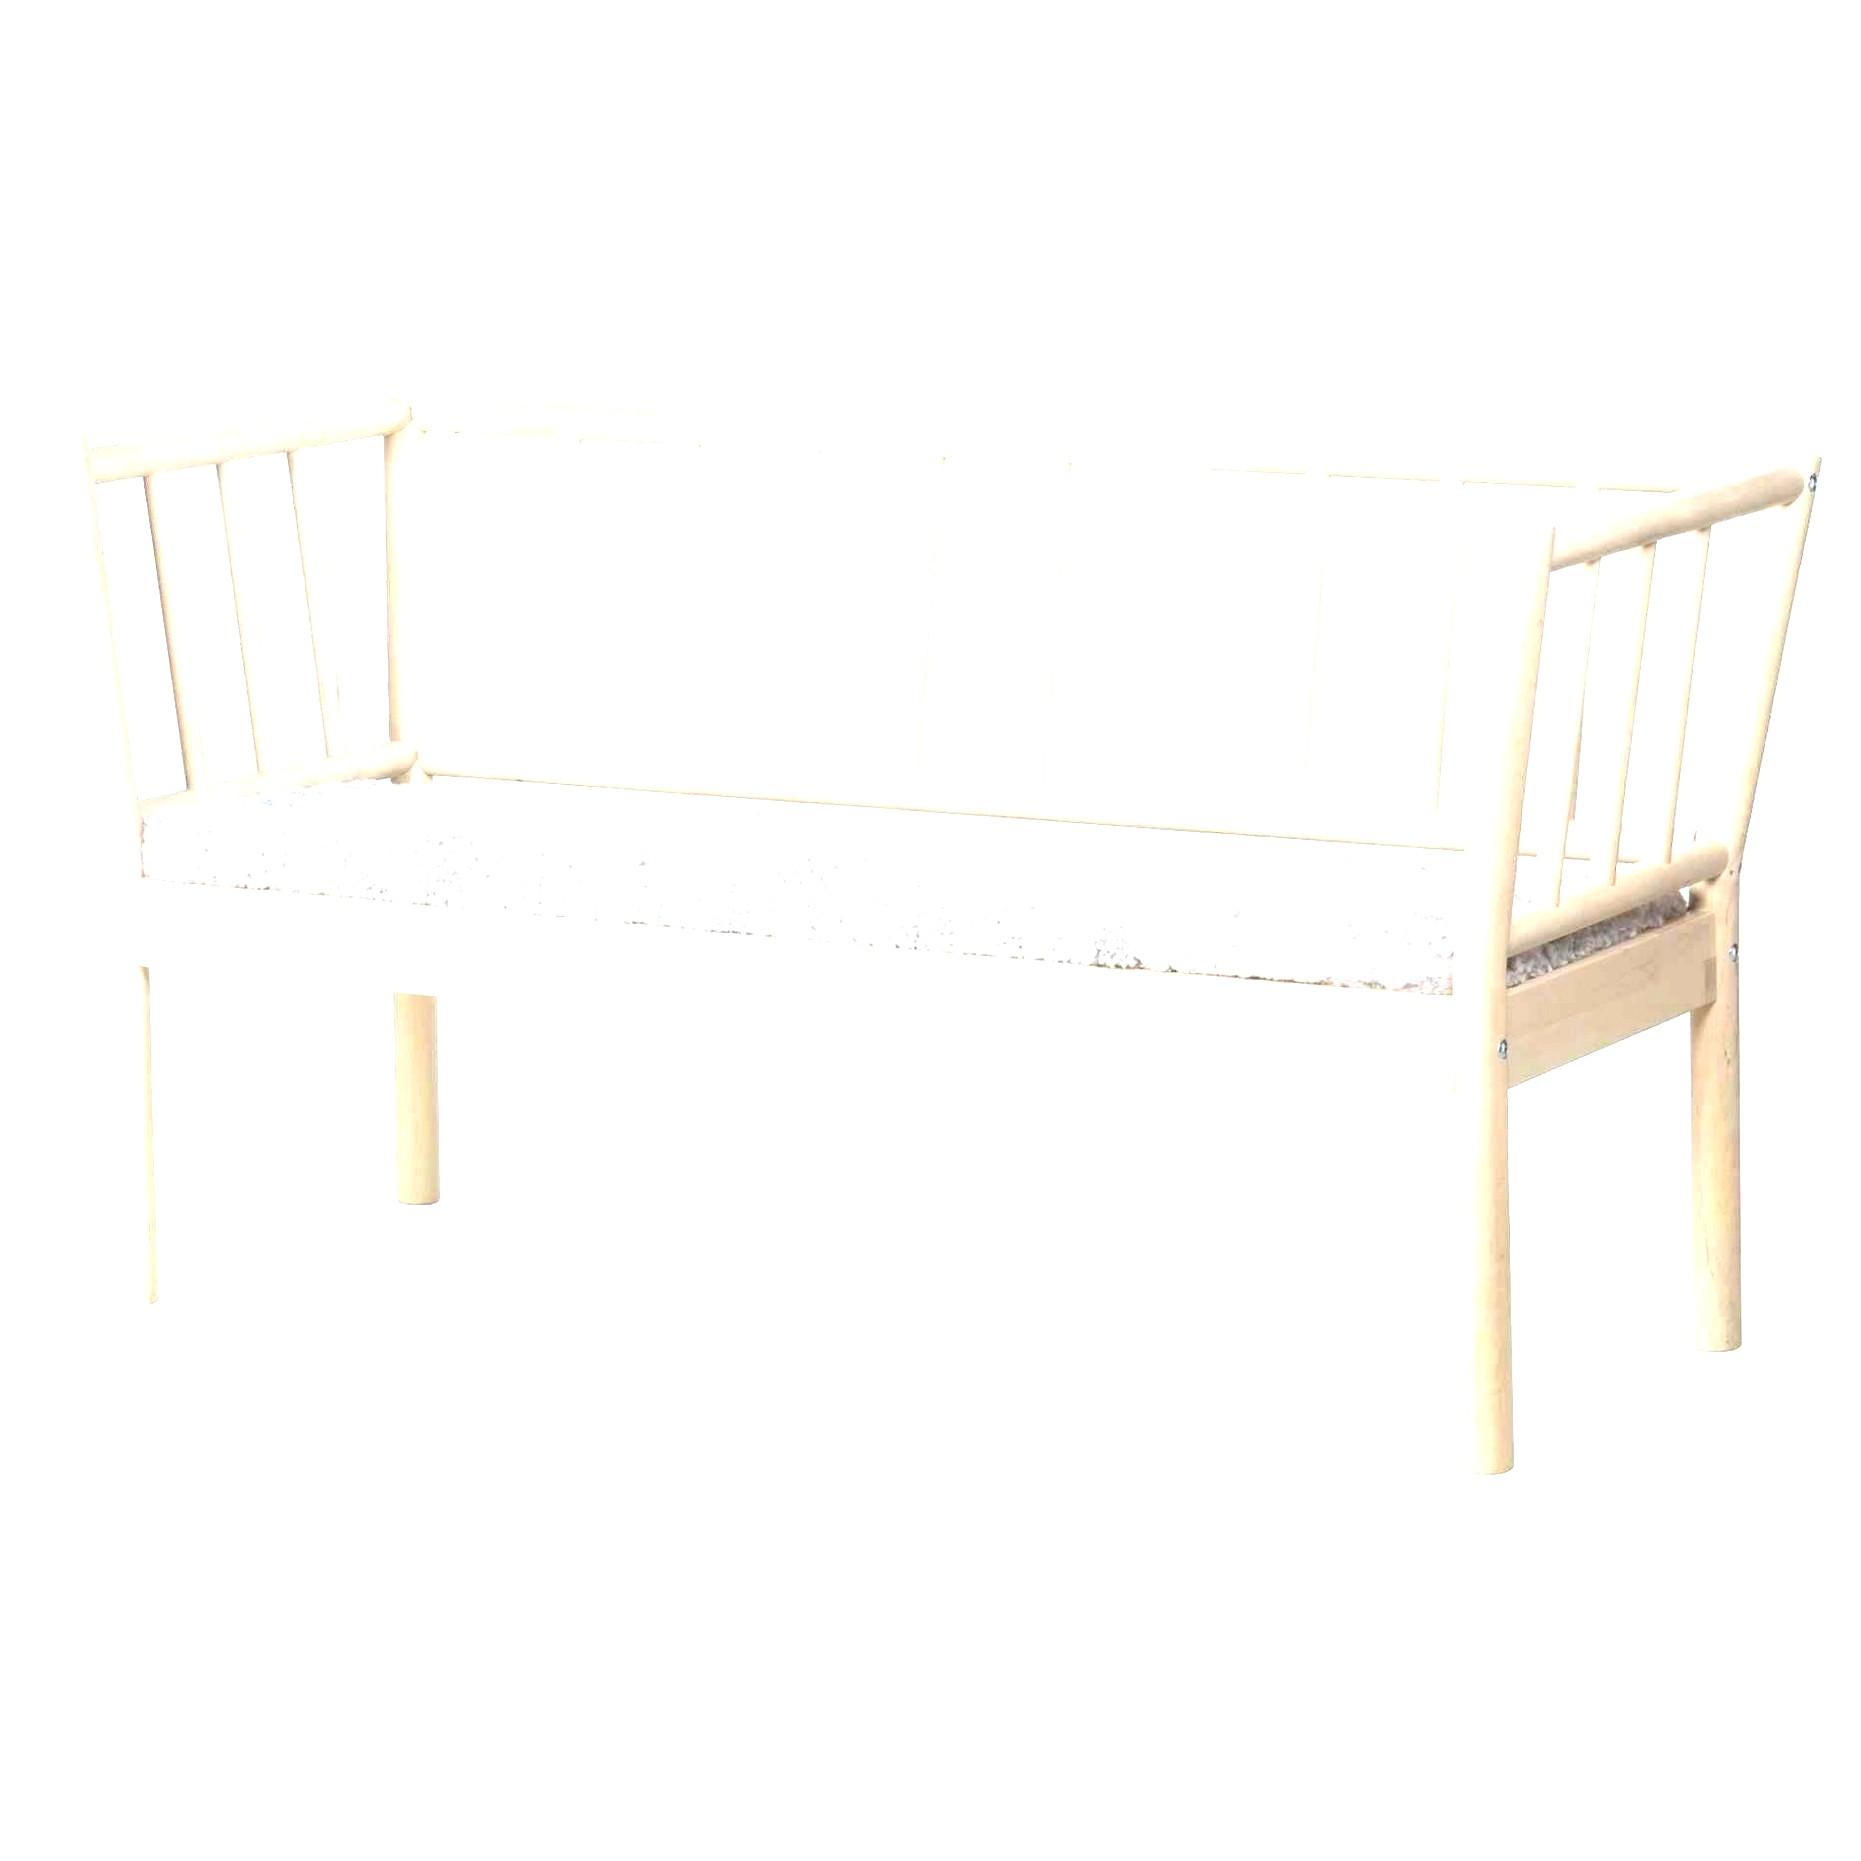 Full Size of Sitzbank Küche Mit Lehne Betten Bei Ikea Modulküche Bett Kosten Schlafzimmer Sofa Schlaffunktion Miniküche Garten Kaufen 160x200 Bad Wohnzimmer Ikea Sitzbank